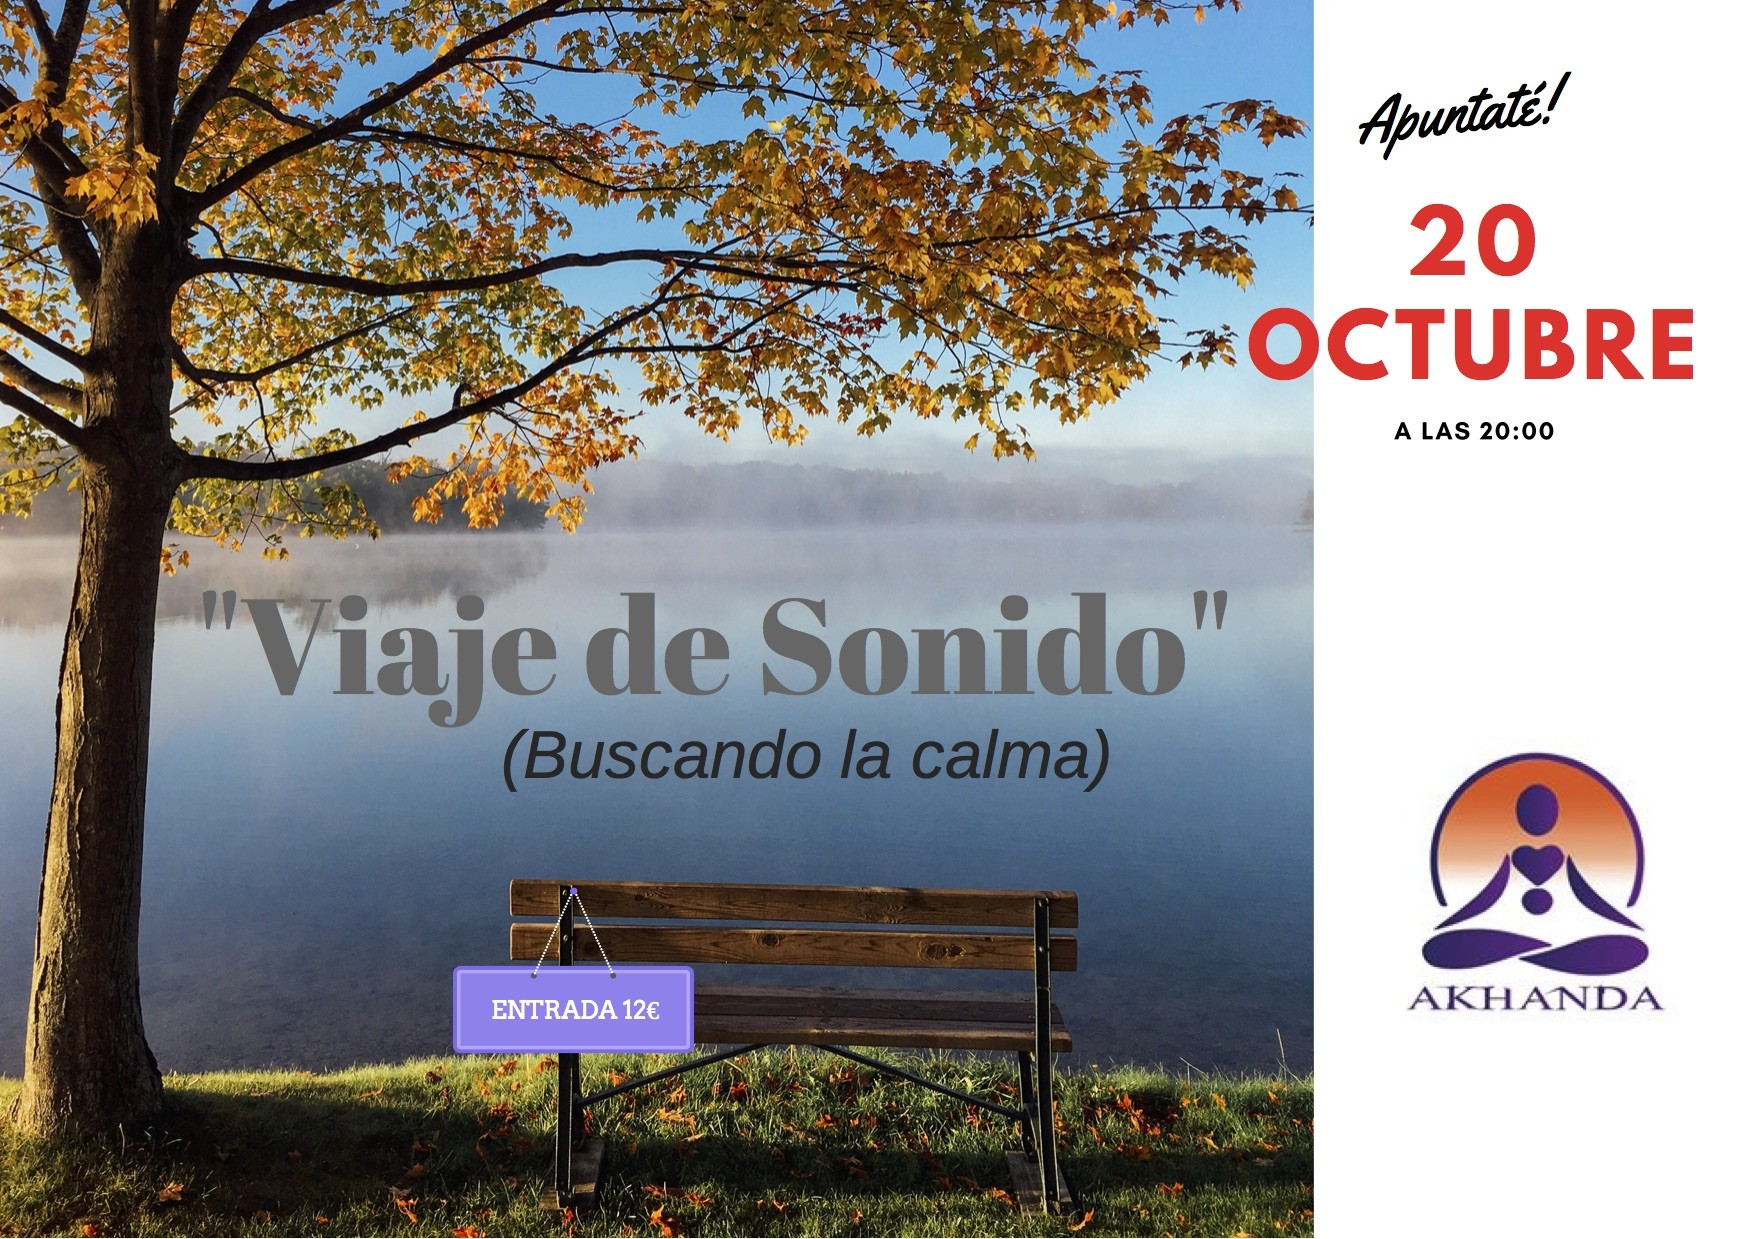 _Viaje de Sonido_